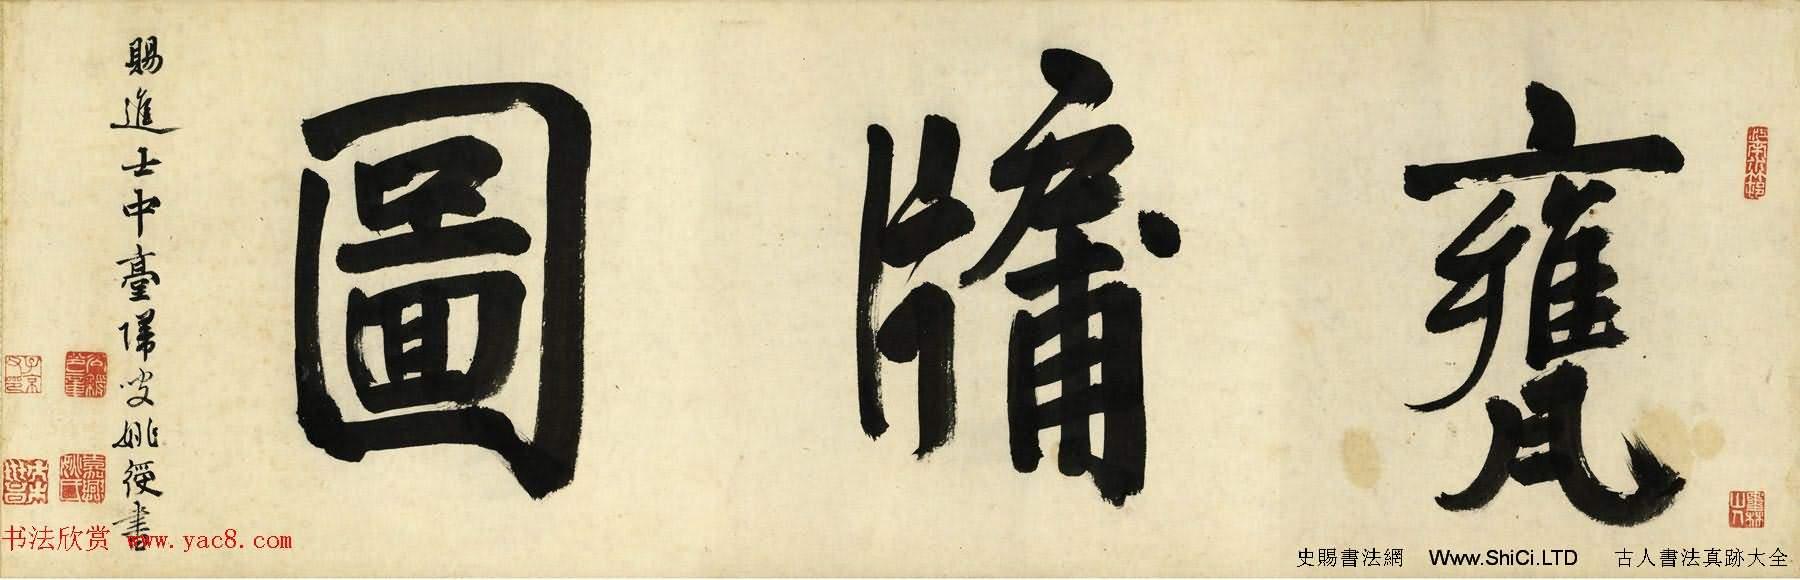 明代姚綬書法墨跡字帖《題趙孟頫書畫卷》(共5張圖片)